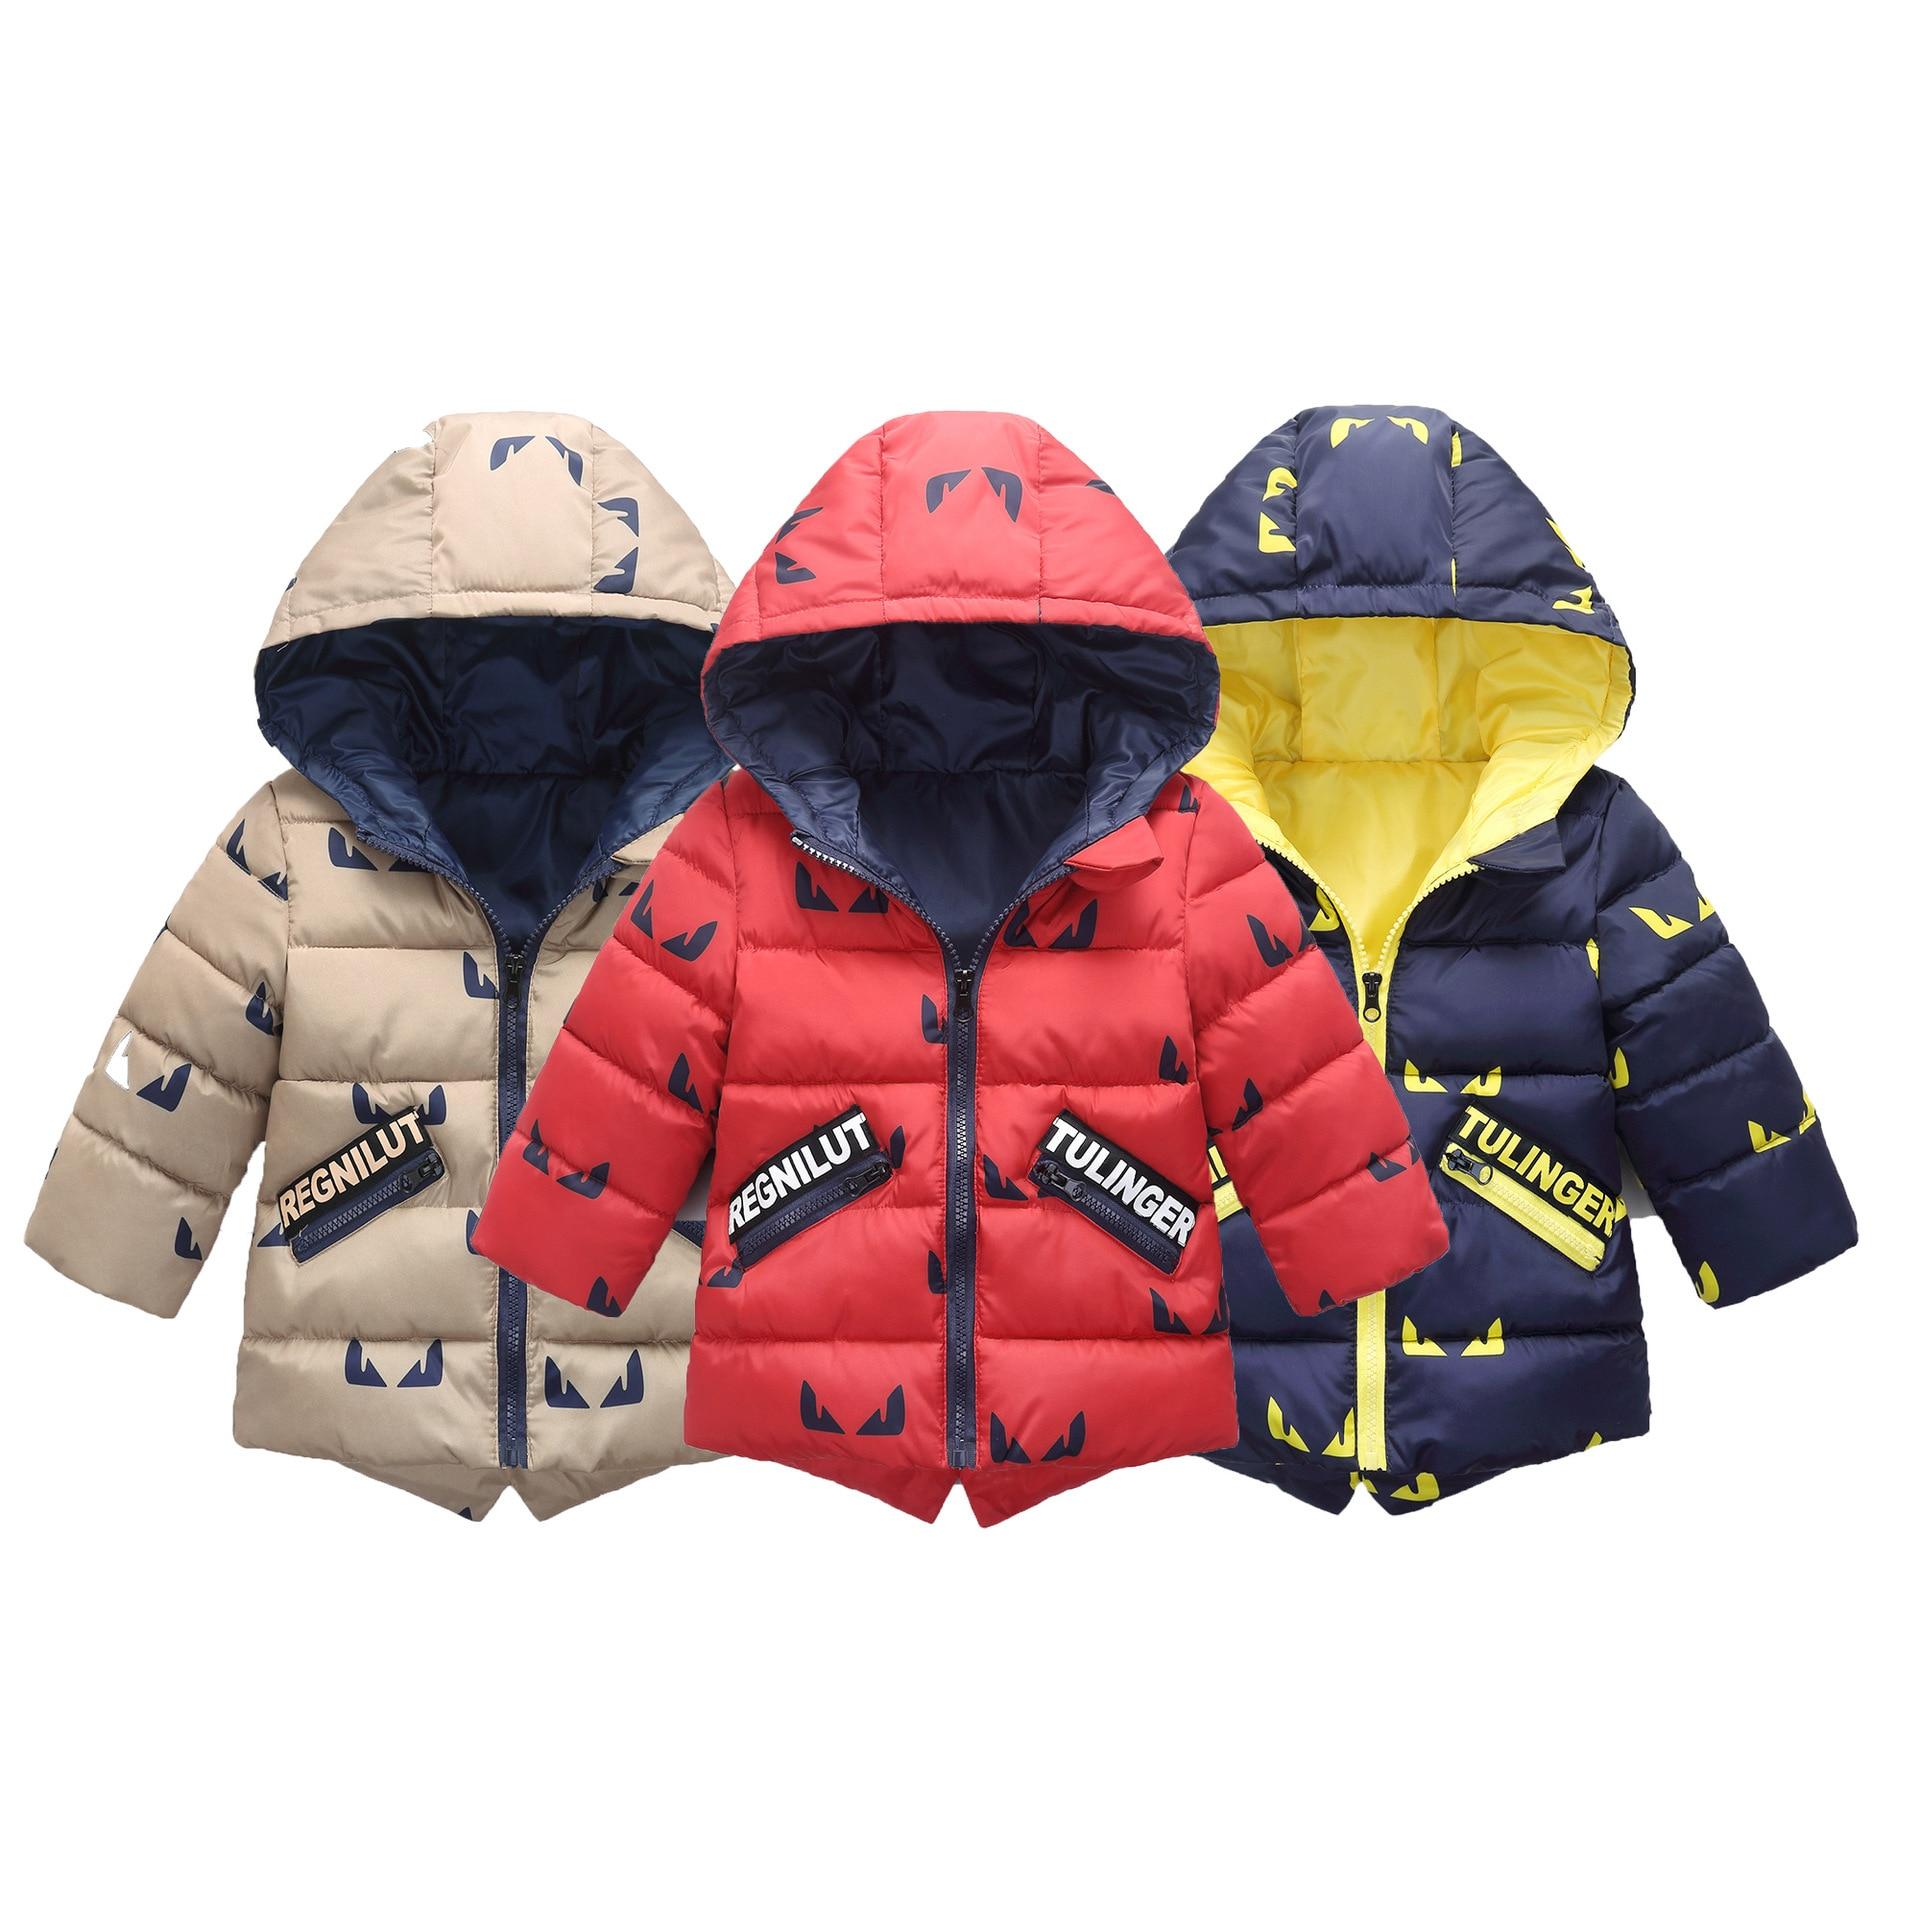 Новинка 2017 года Зима стили Детская пуховая одежда для маленьких мальчиков Хлопковая куртка для девочек с капюшоном Открытый Костюмы зимнее...